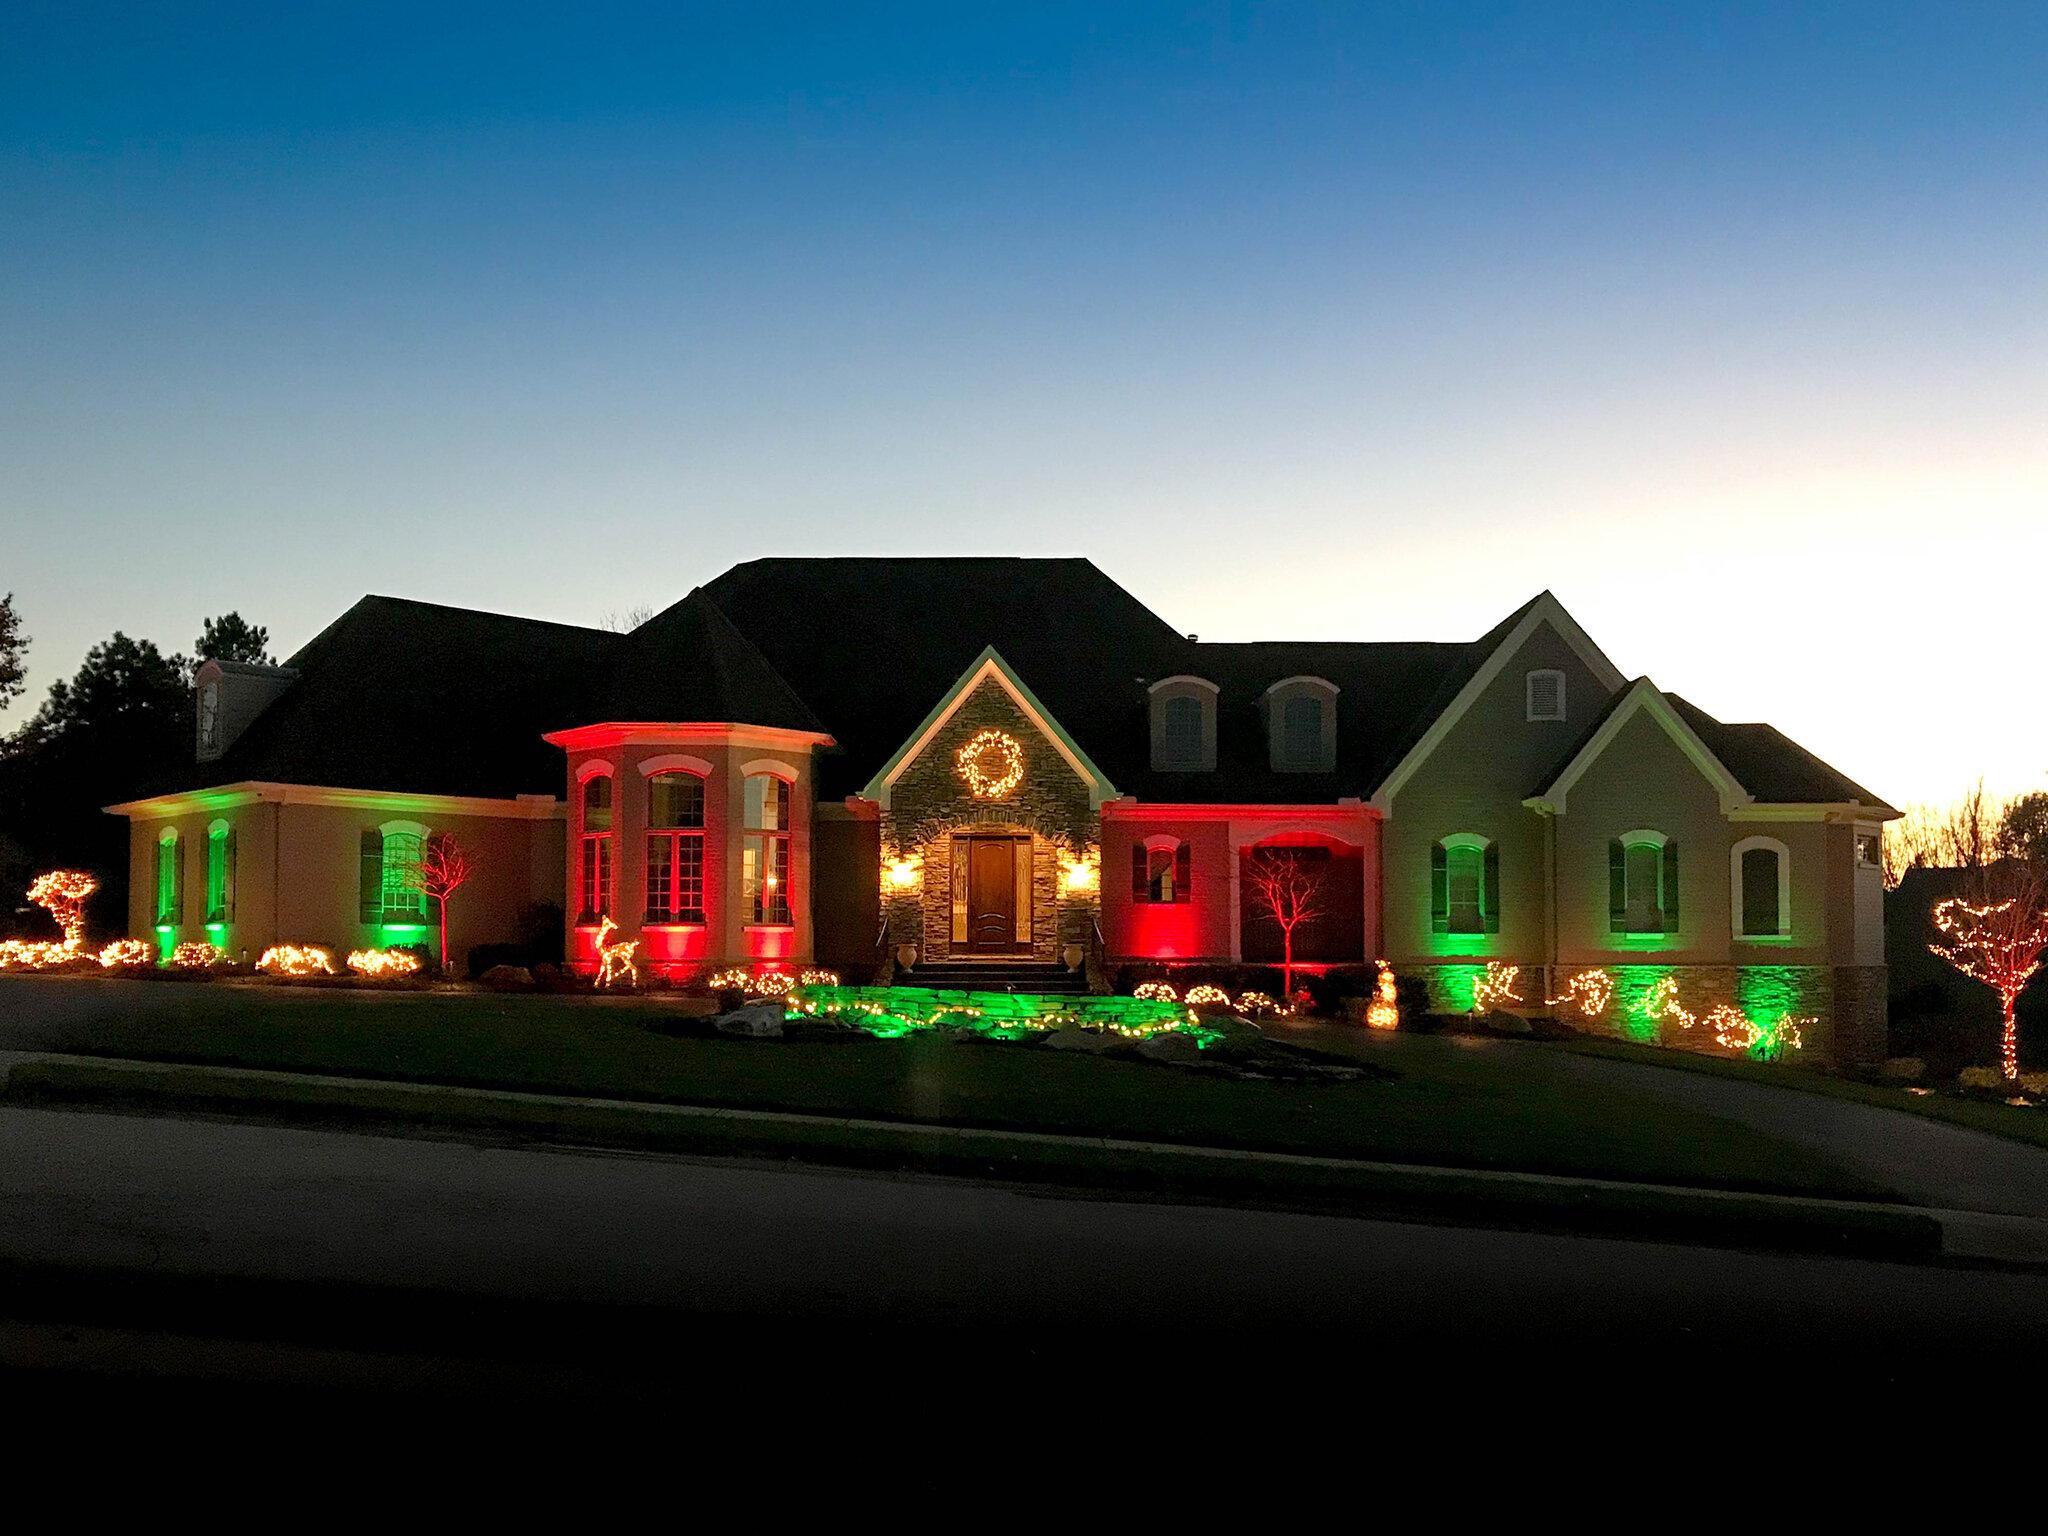 Home with Christmas theme lighting